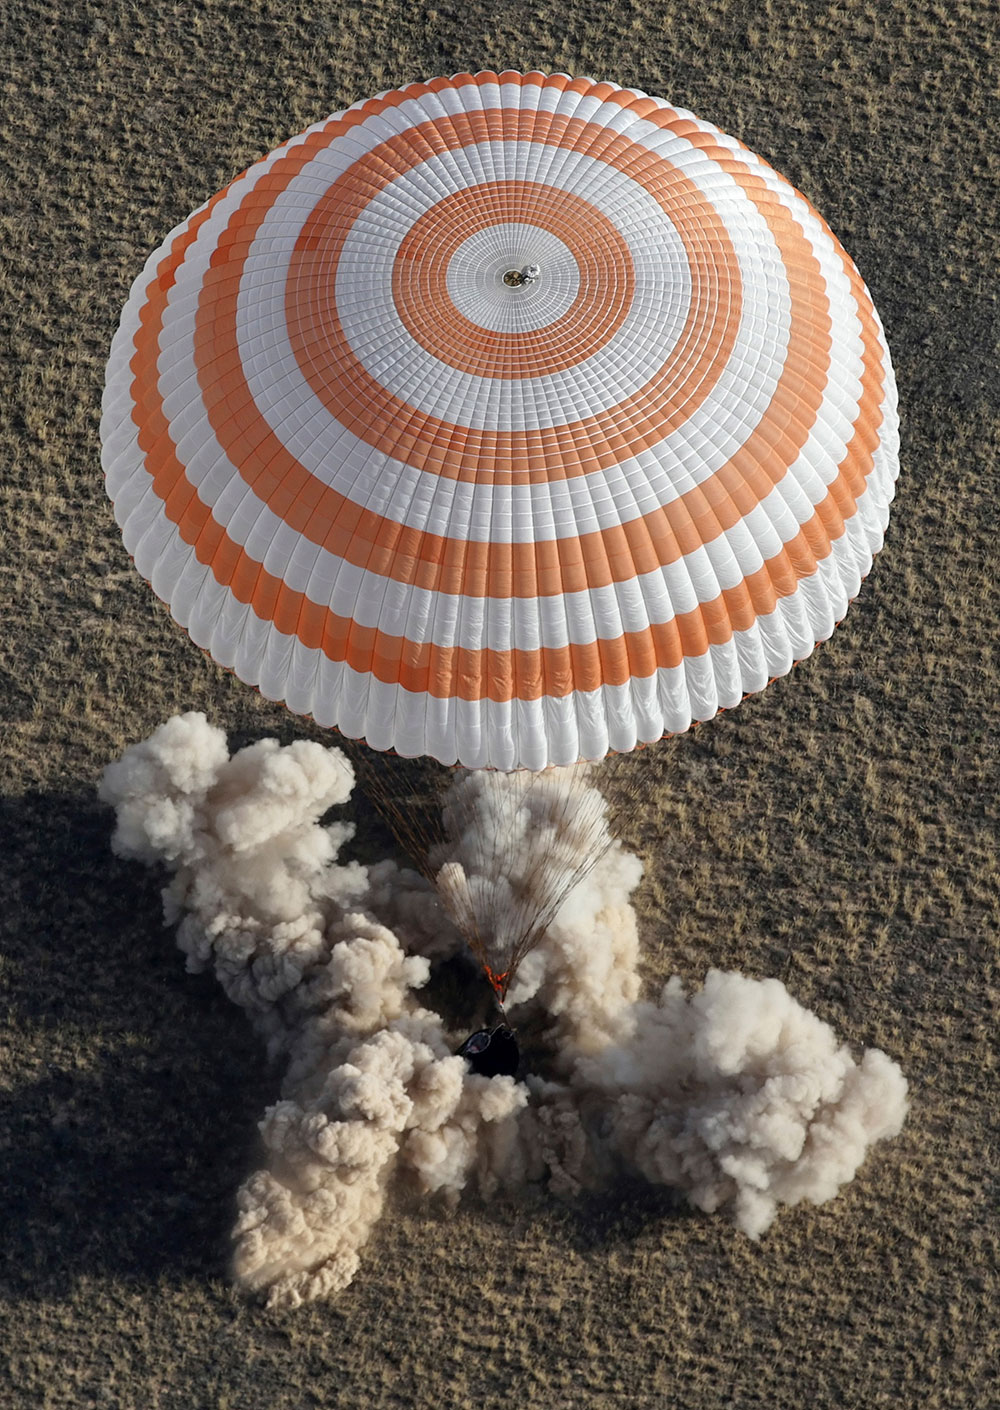 रसियन फेडरल स्पेस एजेंसी (रोसकोसमॉस) के 36 कमांडर पेवेल विनोगरेडोव को एक अभियान पर लेकर जाती एक सोयूज कैप्सुल।